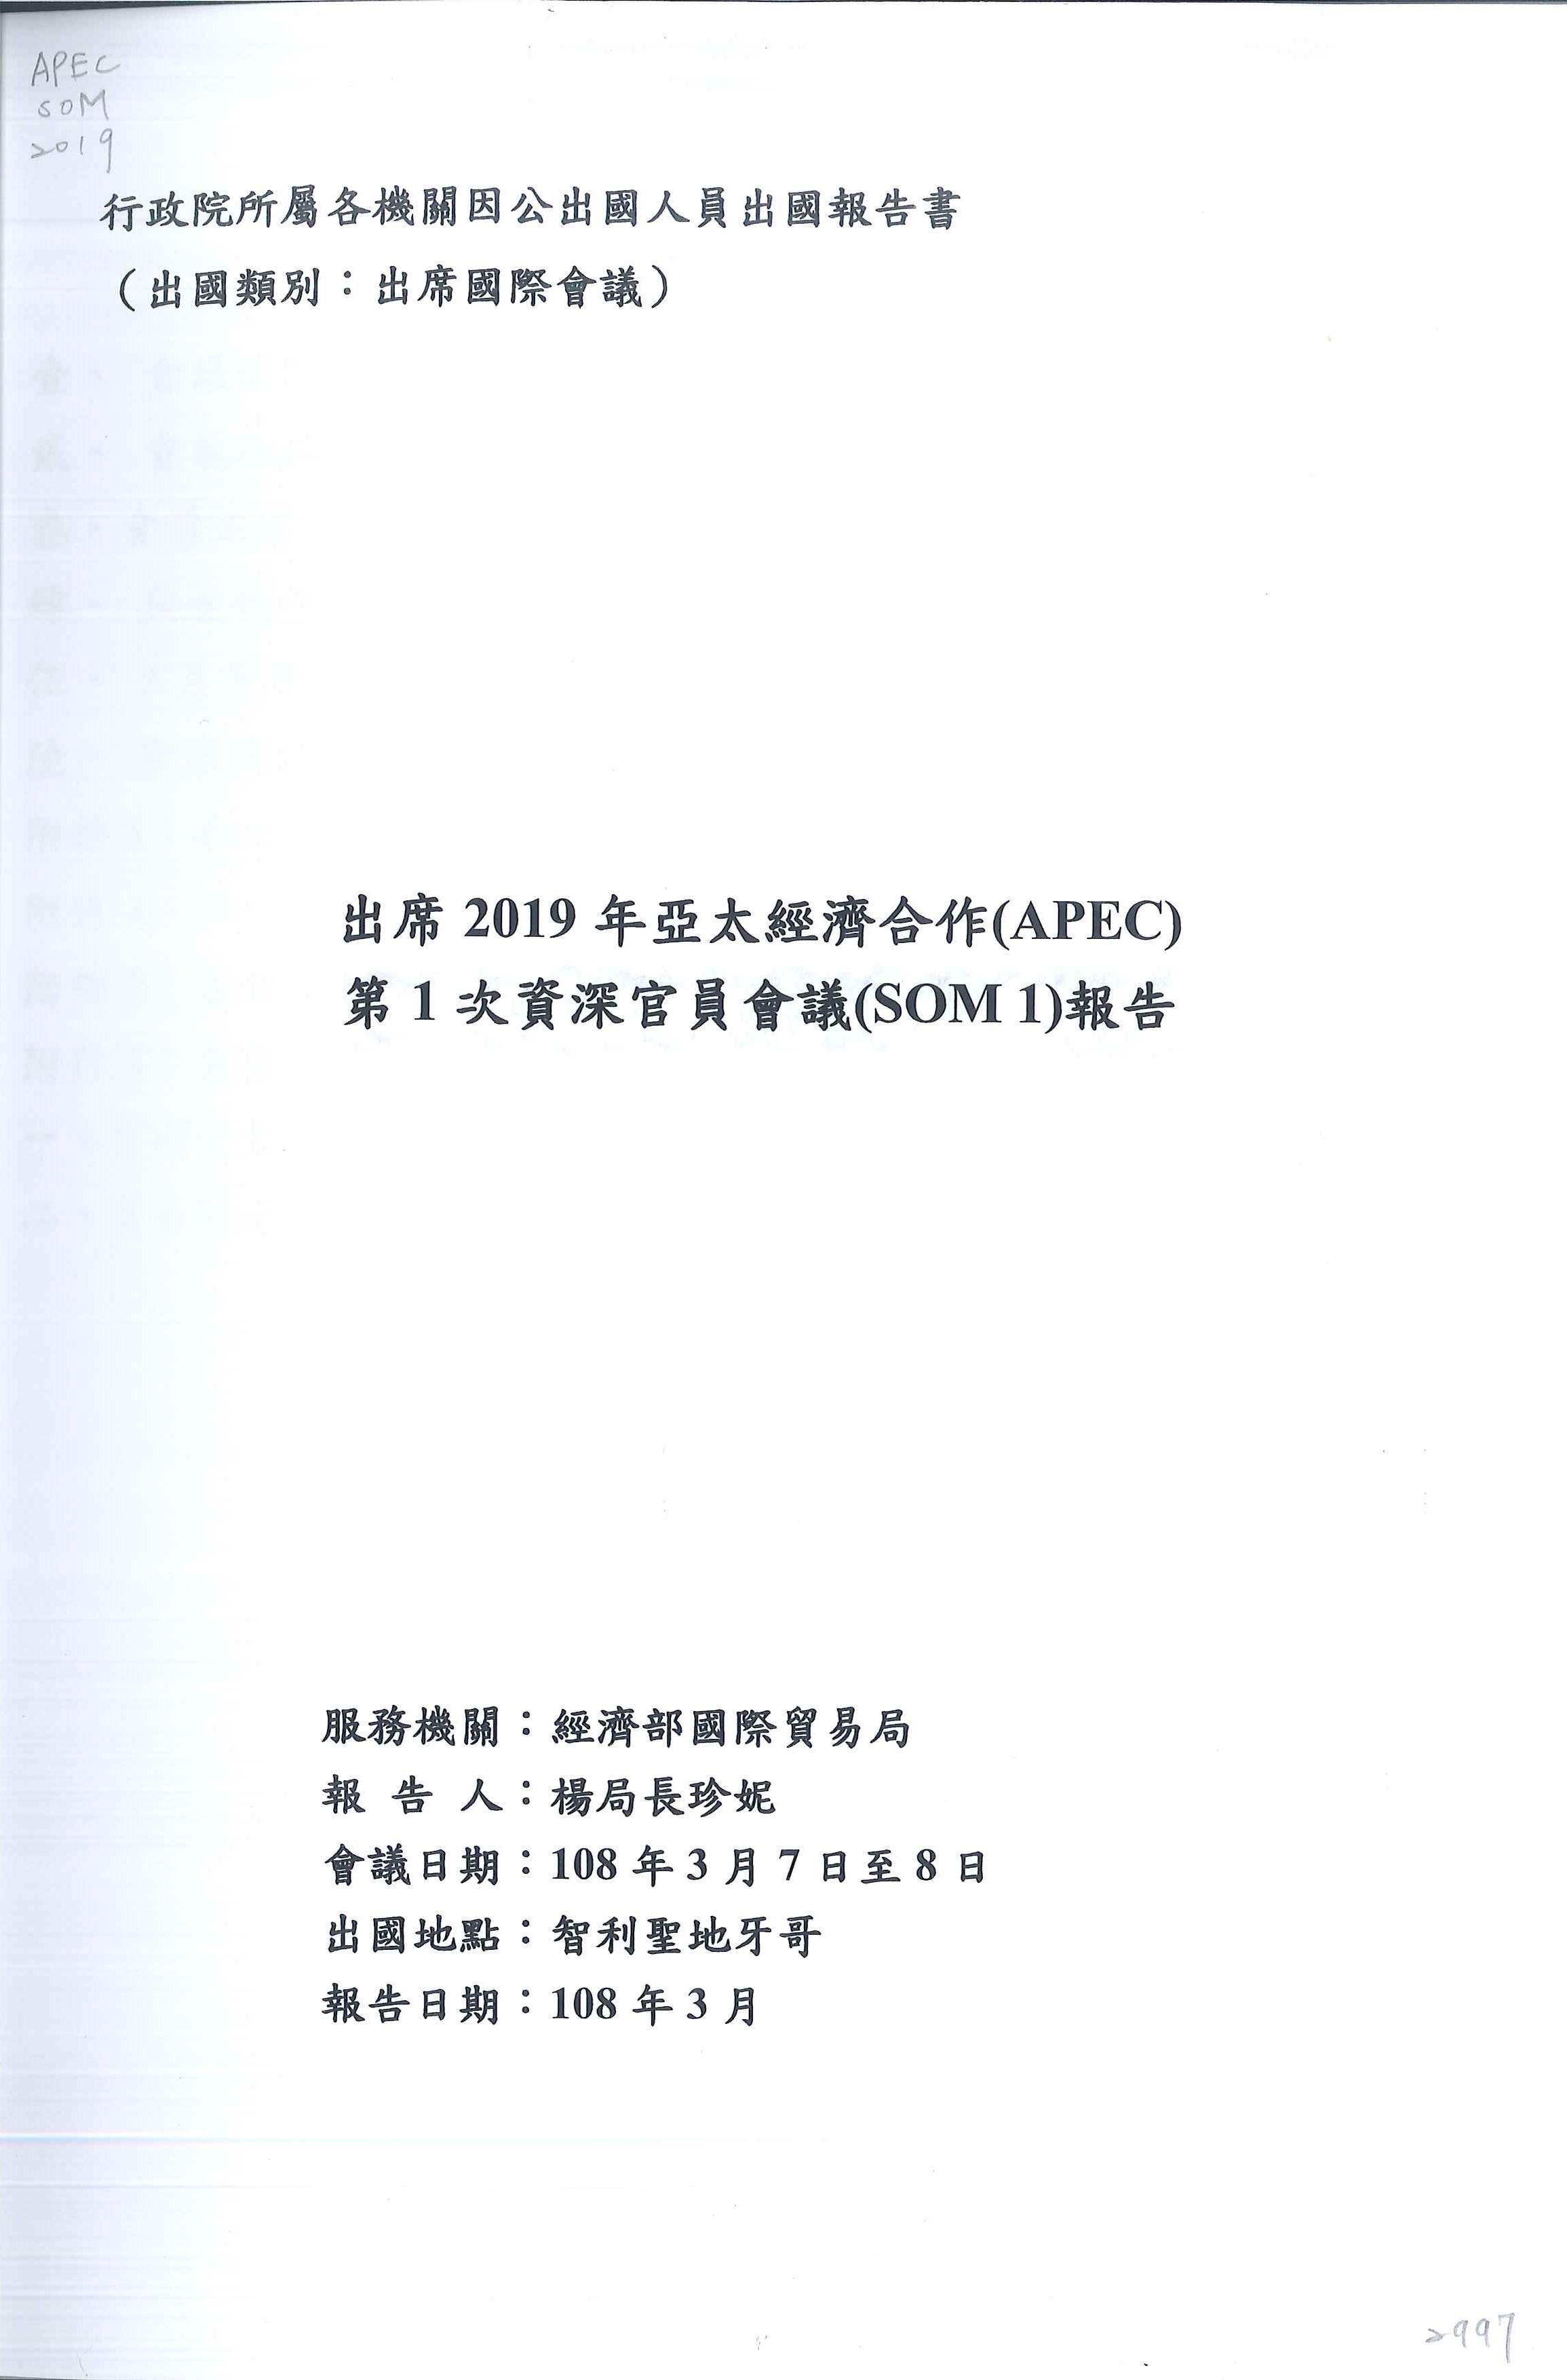 出席2019年亞太經濟合作(APEC)第1次資深官員會議(SOM1)報告